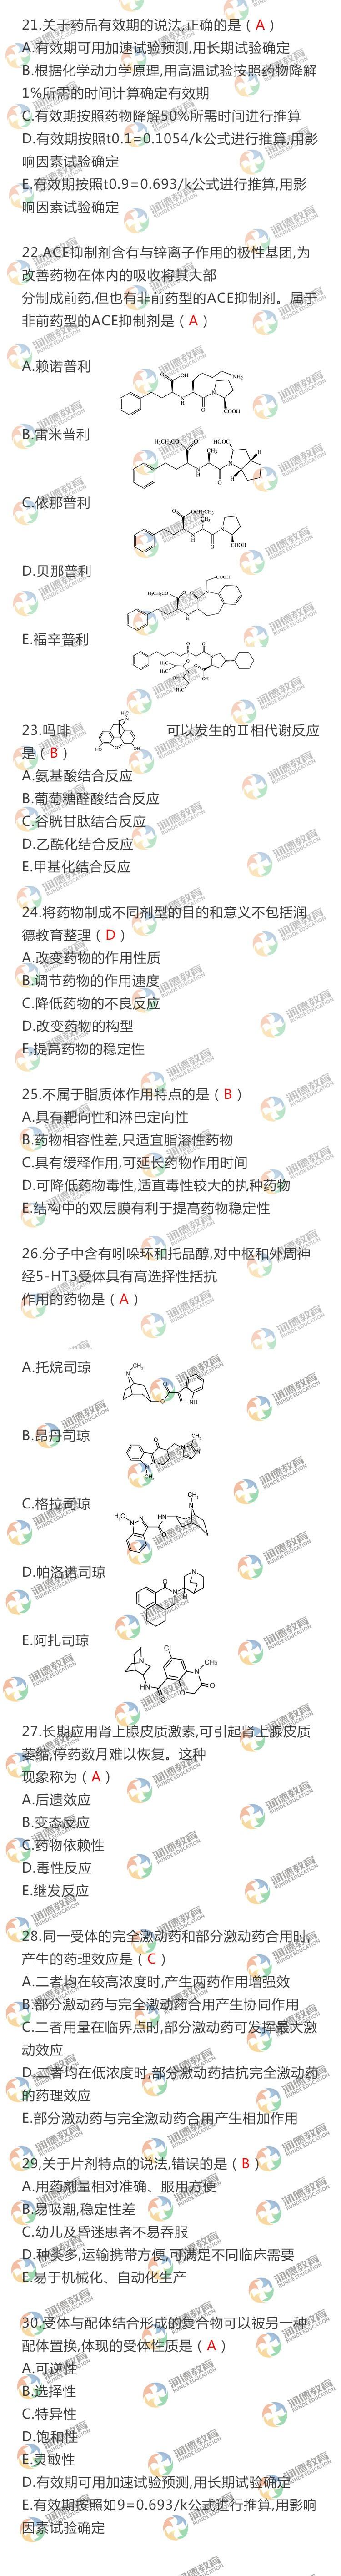 执业药师资格考试西药一21-30.jpg